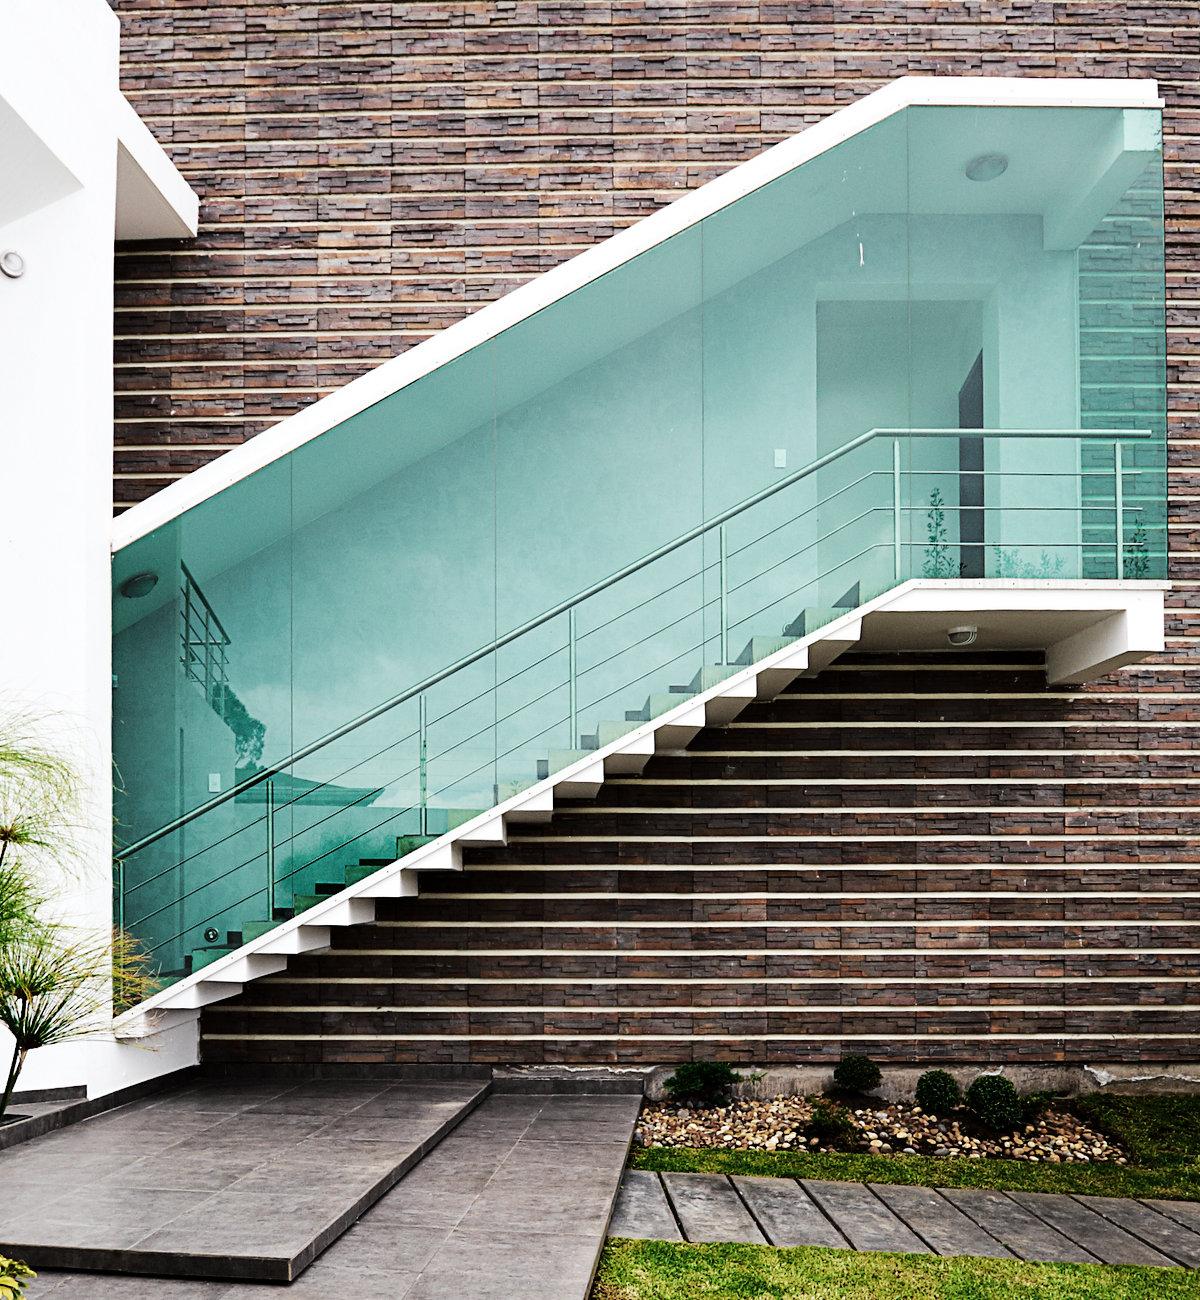 Escalier extérieur fermé